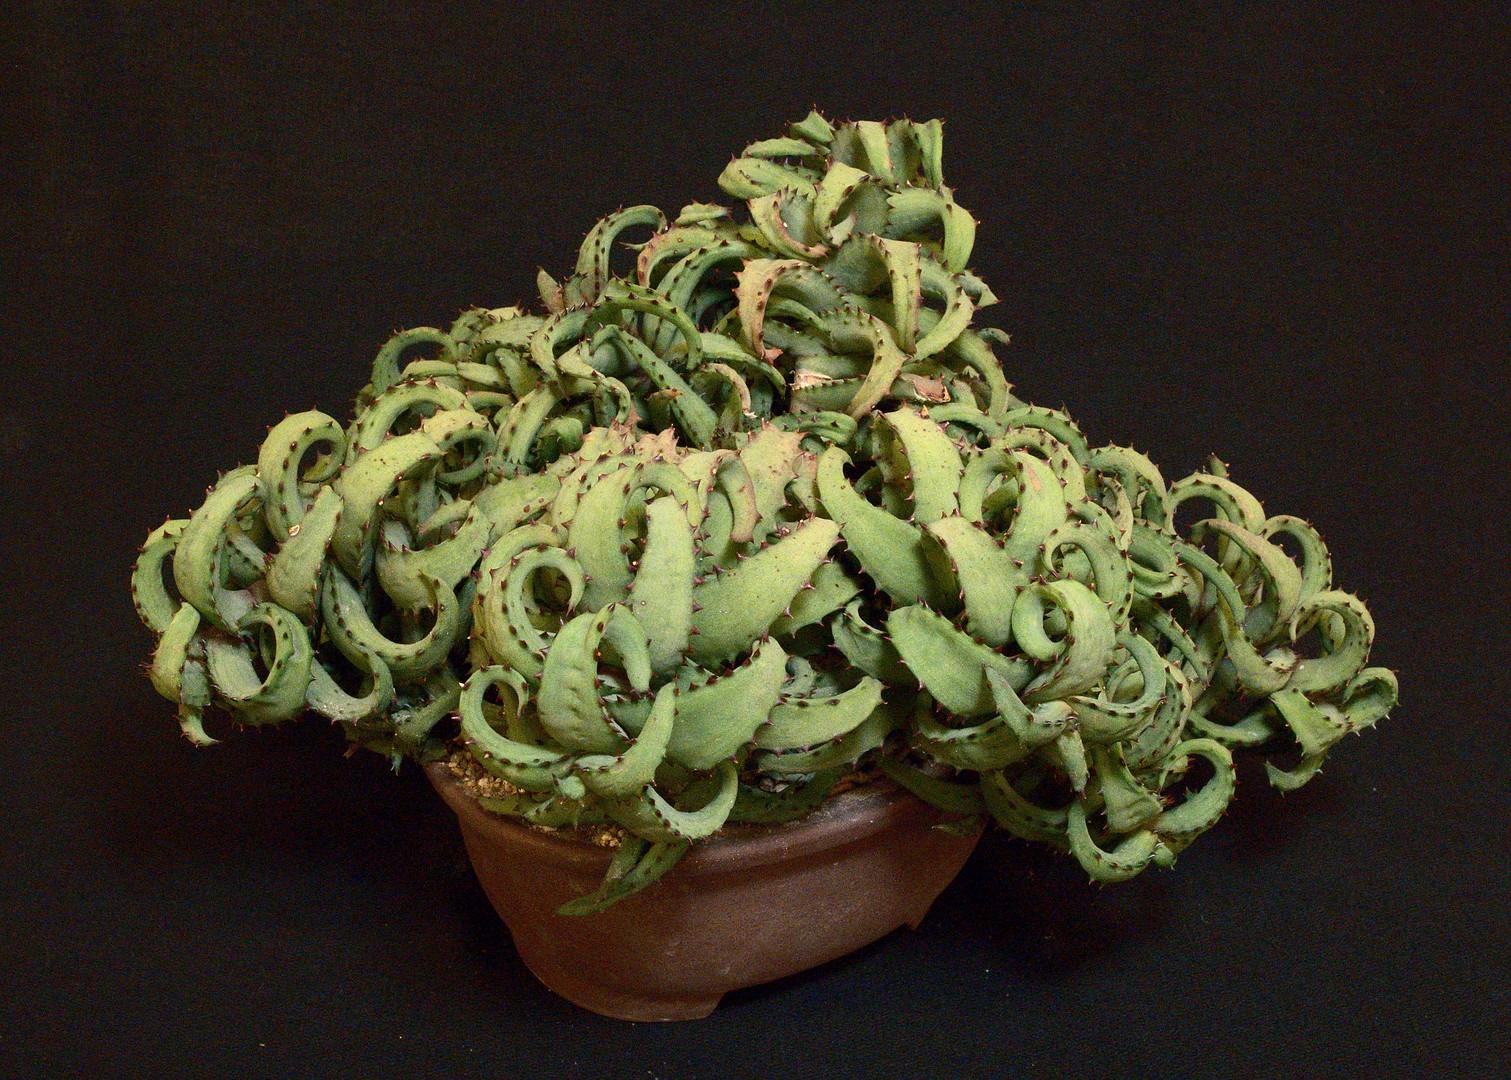 SCCSS 2020 January - Winner Open Succulent - Gary Duke - Aloe castilloniae